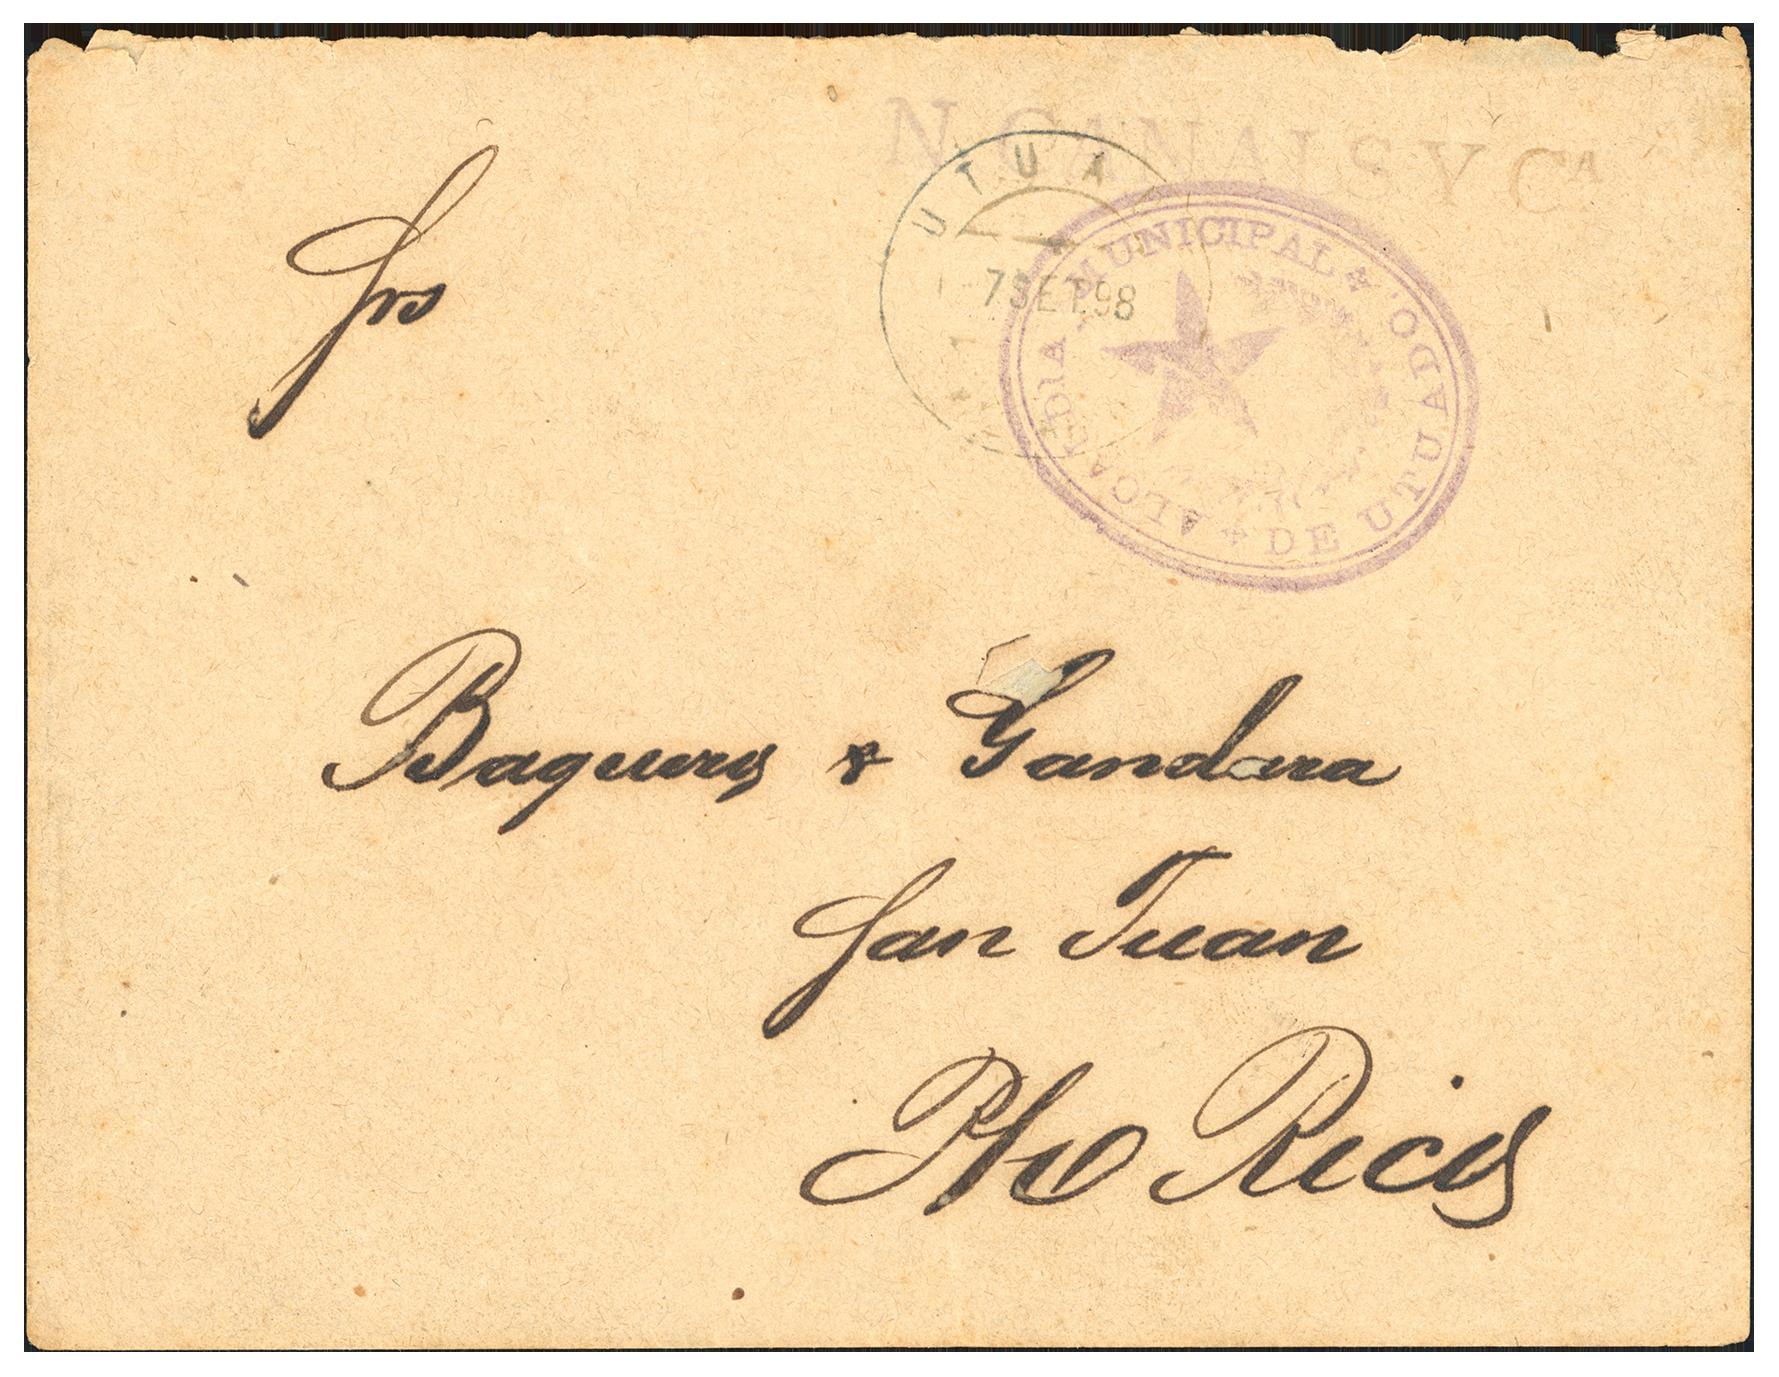 Utuado Provisional. 1898 (Sept 7). Cover